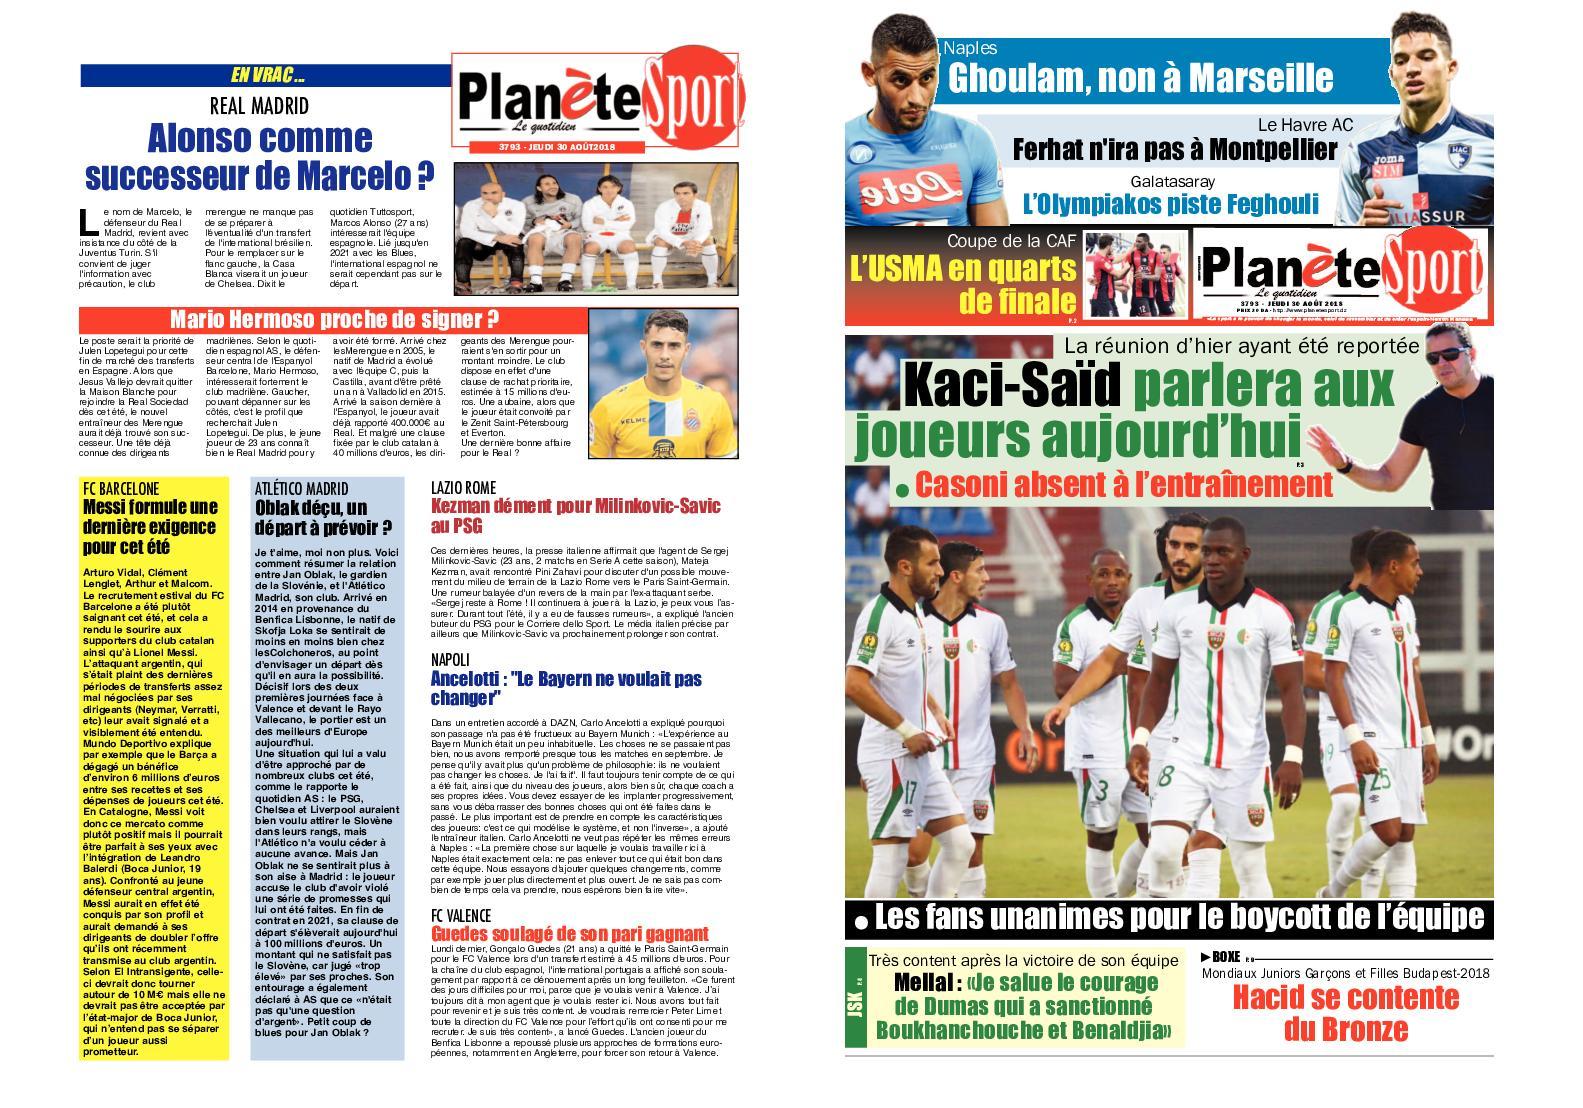 Une référence au succès français à la coupe du monde 2018, mais aussi à l'expression «c'est reparti comme en 14», répandue en france depuis le. 30 08 18 Calameo Downloader